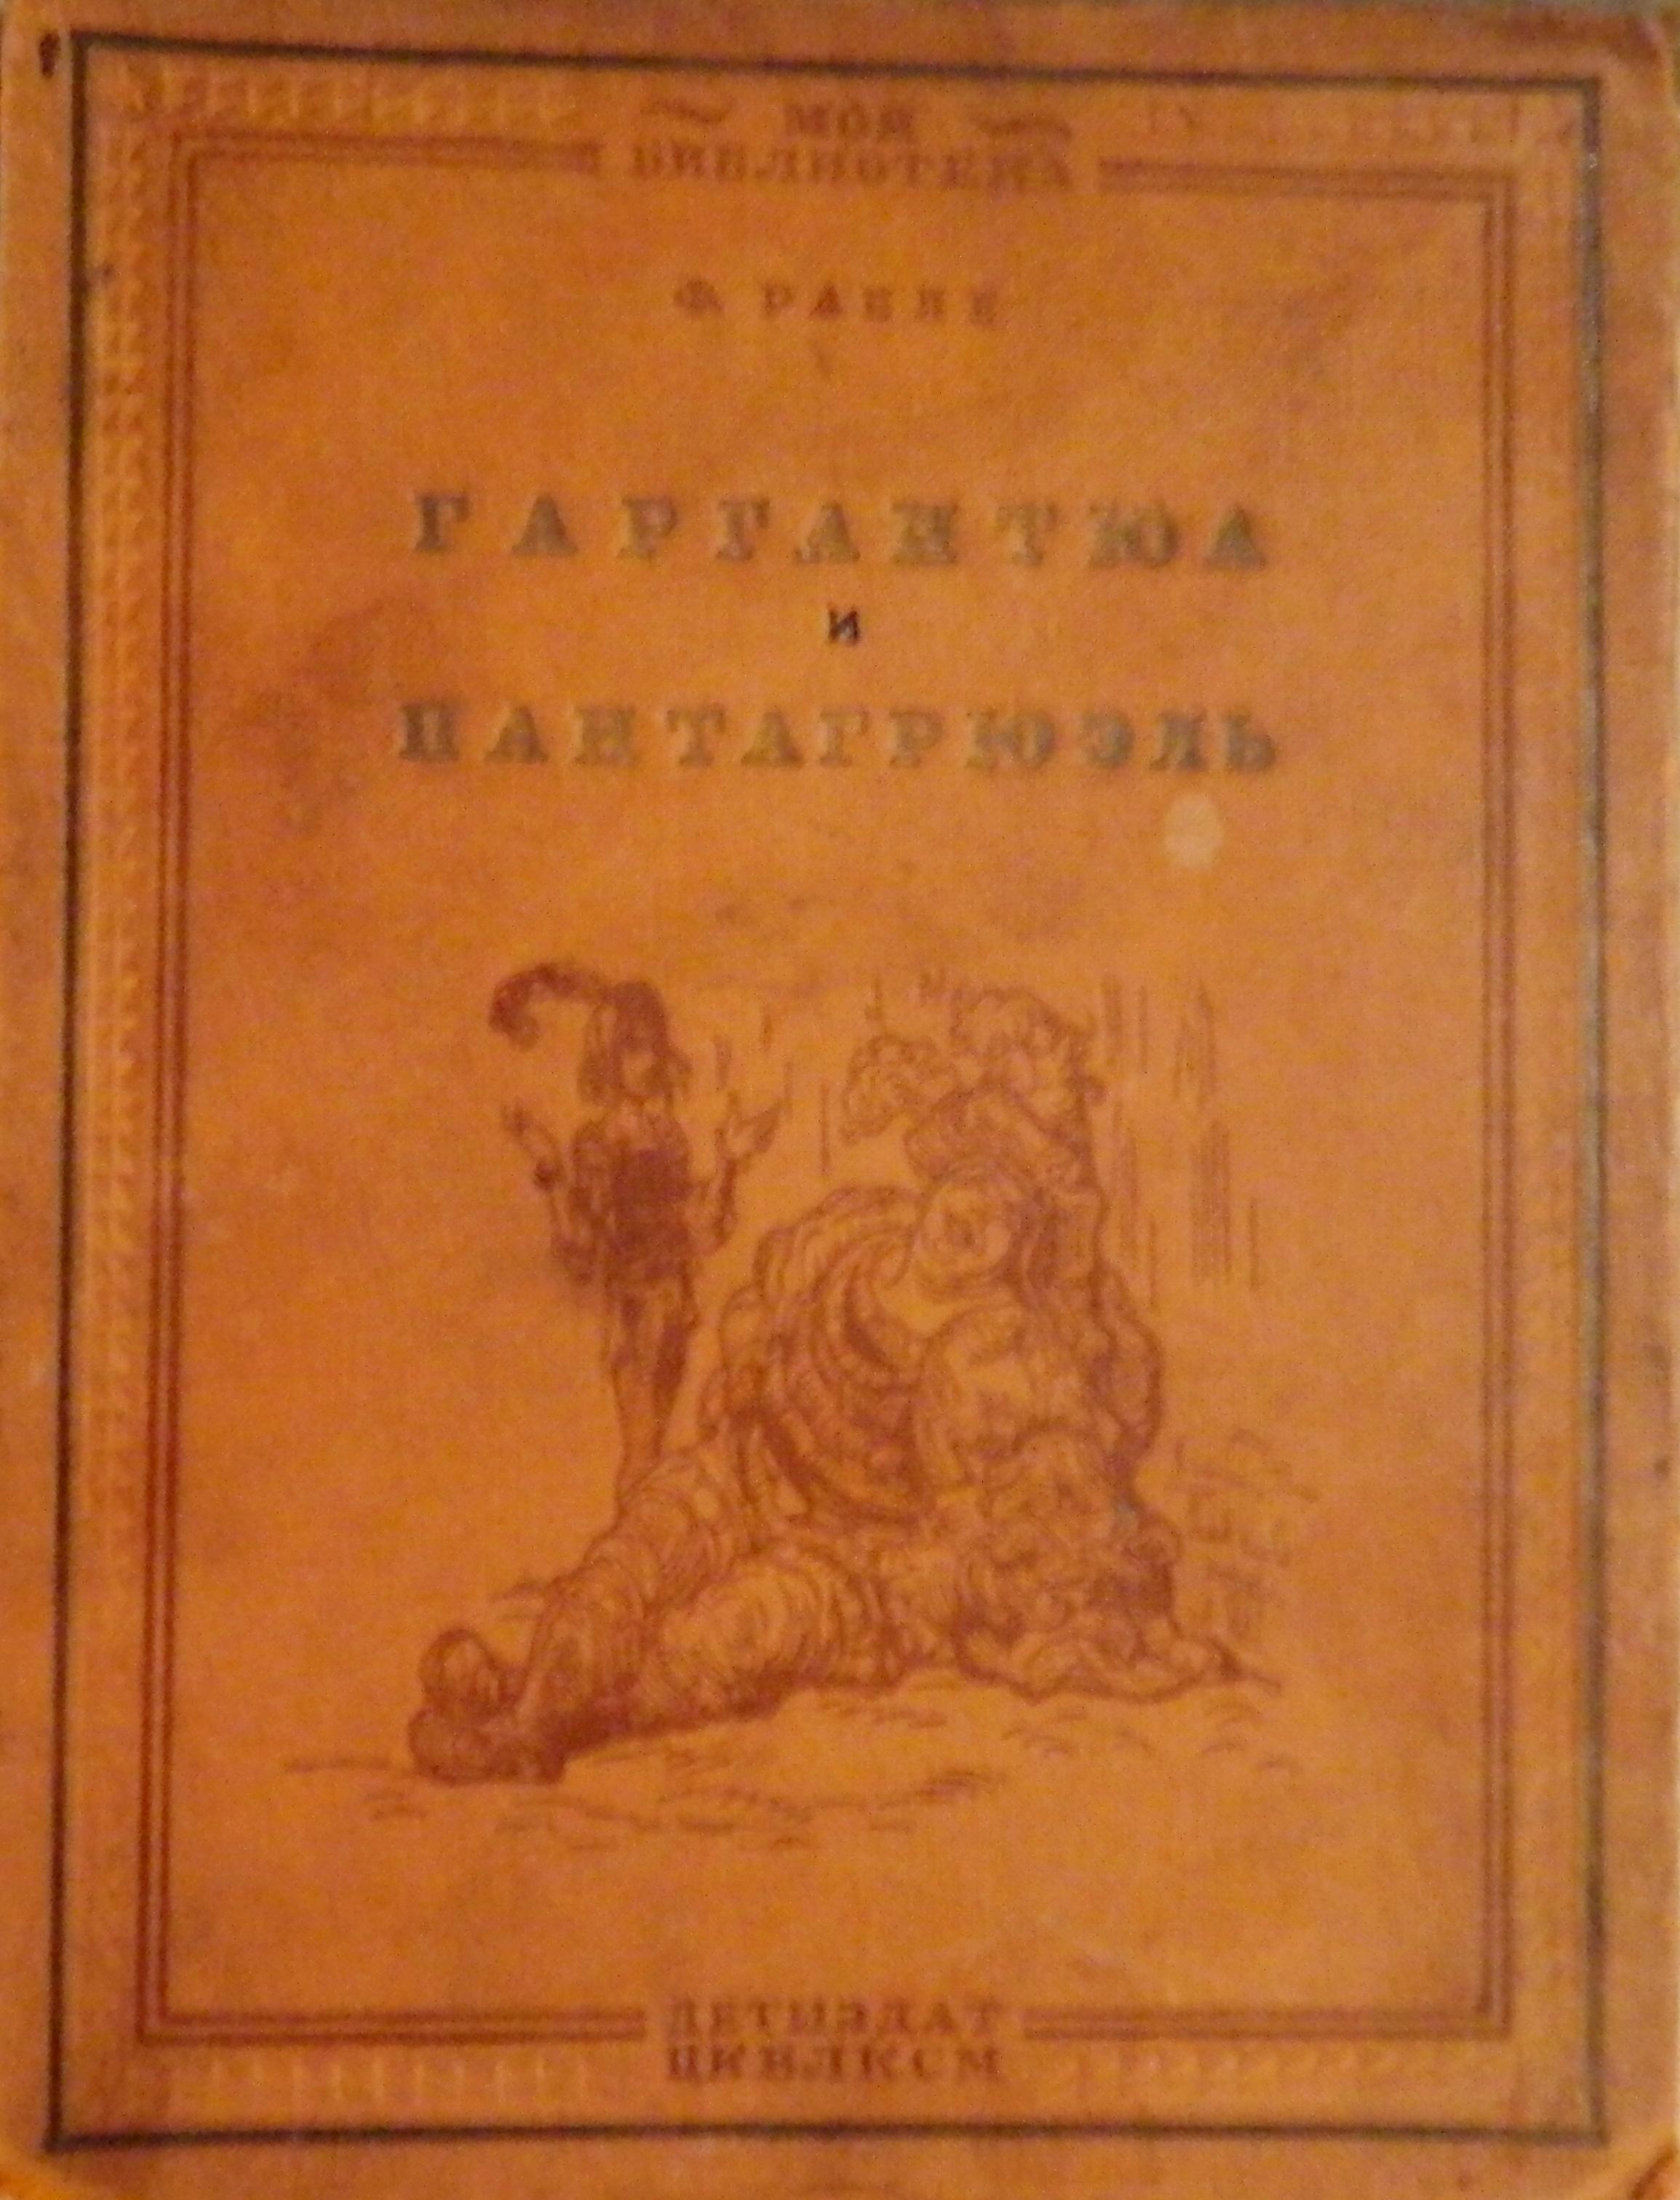 Рабле Гаргантюа и Пантагрюэль Книга I Главы XXIII и XXIV